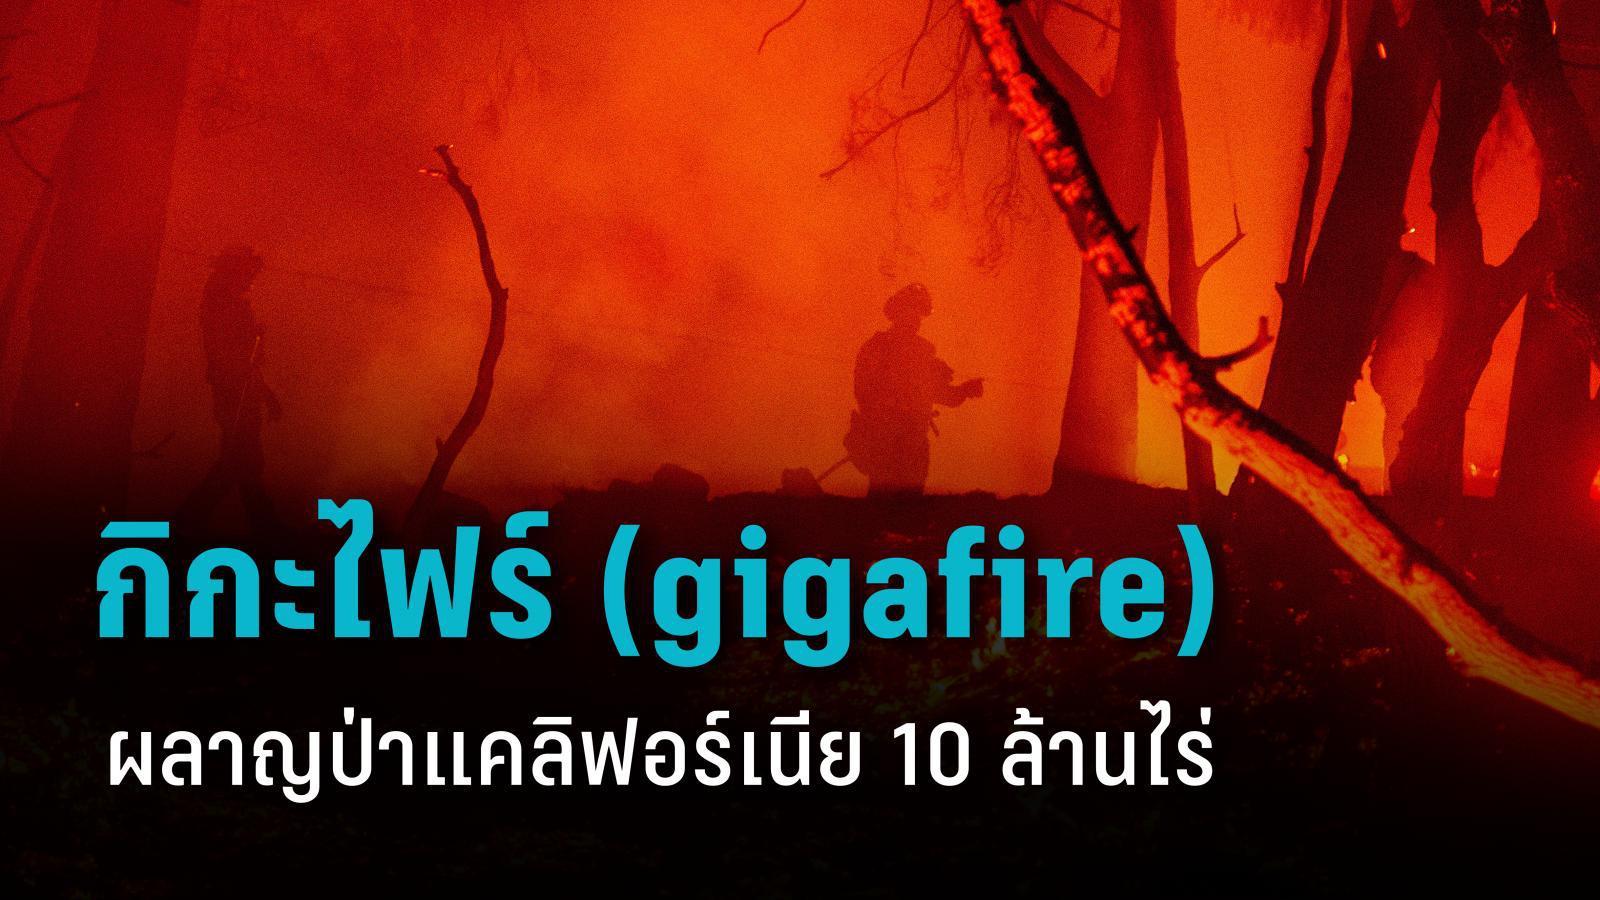 ไฟป่าแคลิฟอร์เนีย ยกระดับเป็น กิกะไฟร์ (gigafire) ผลาญพื้นที่ป่ากว่า 10 ล้านไร่